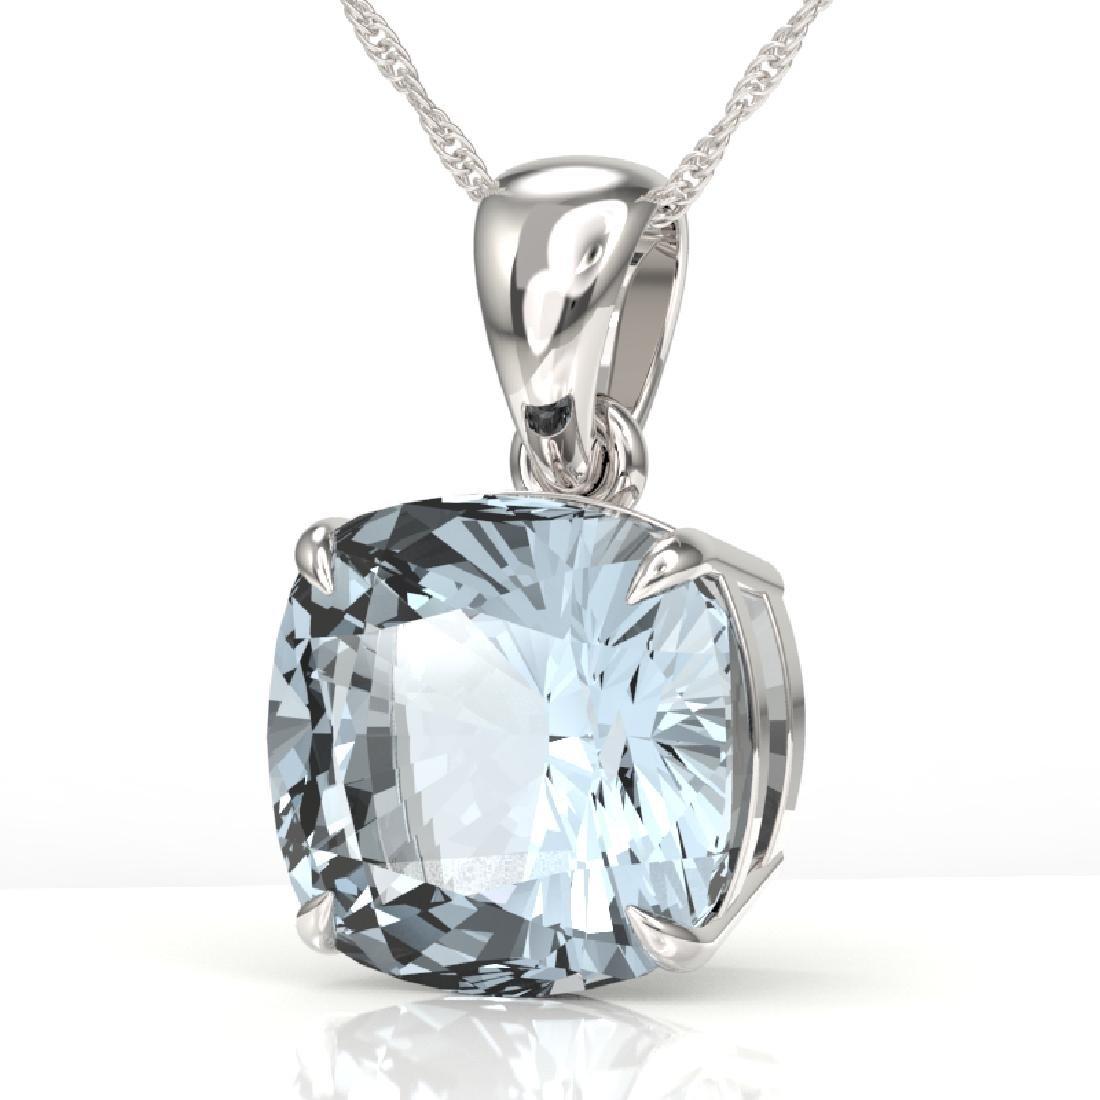 6 Cushion Cut Sky Blue Topaz Solitaire necklace 18K